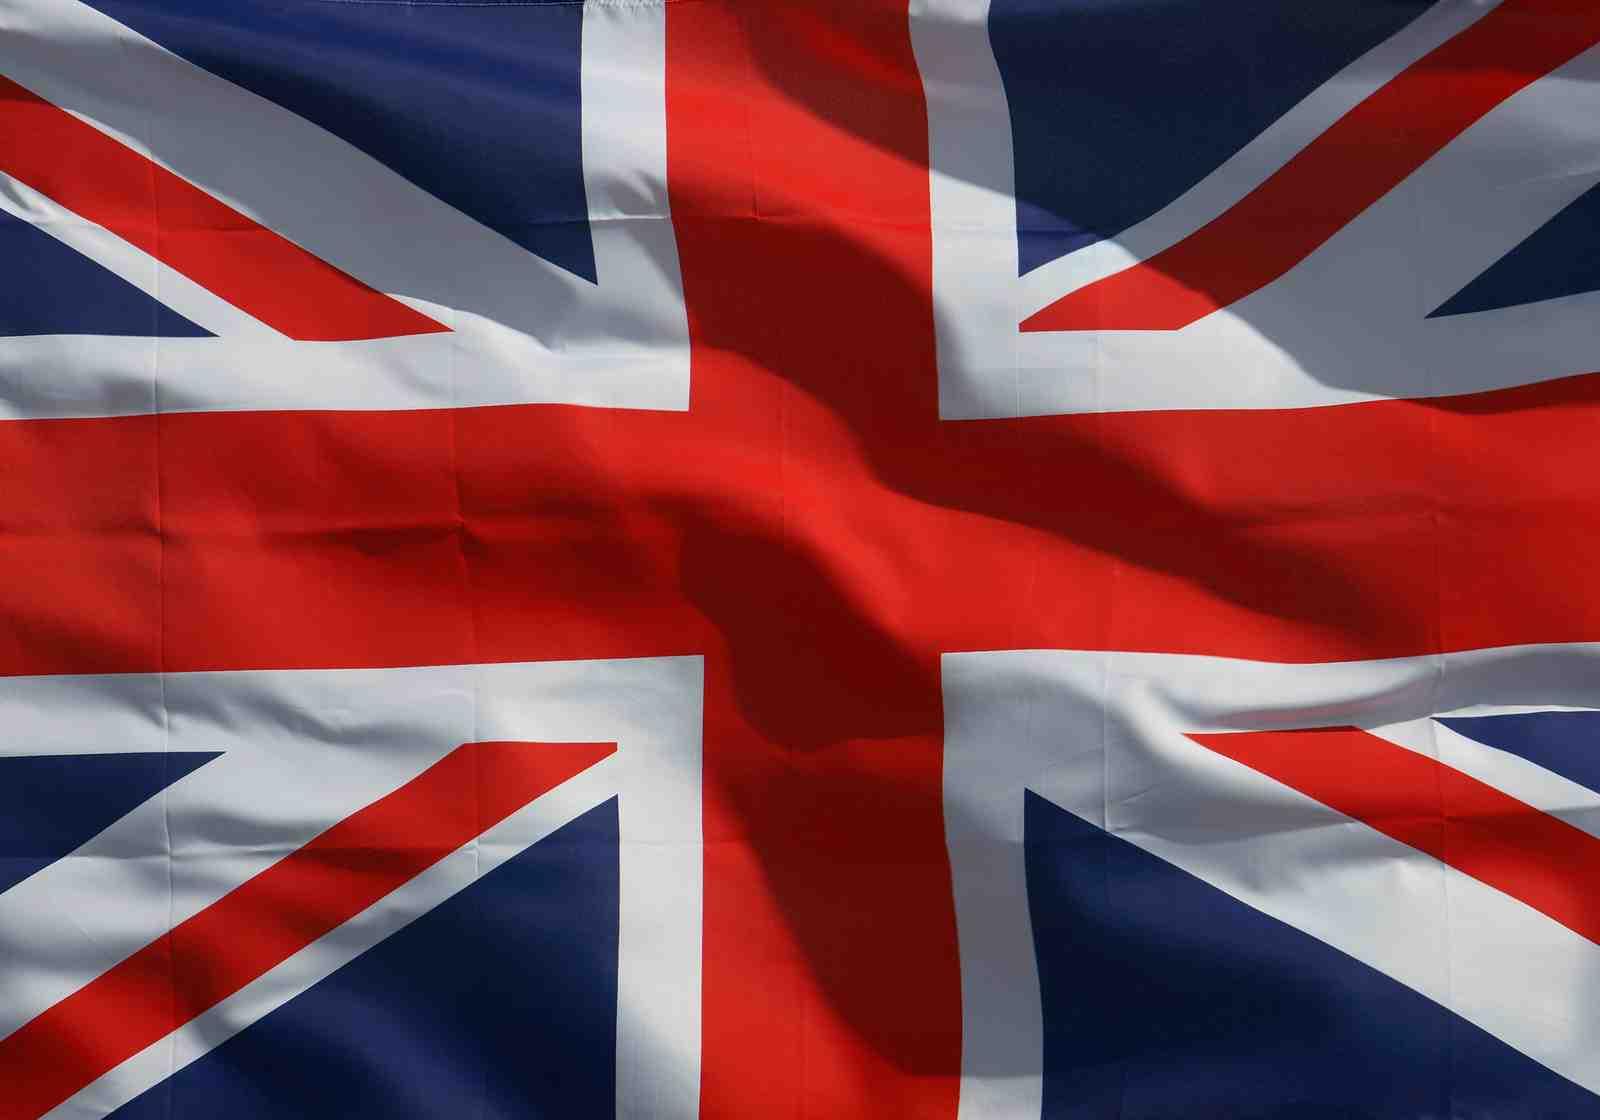 Union_Jack-1.jpg